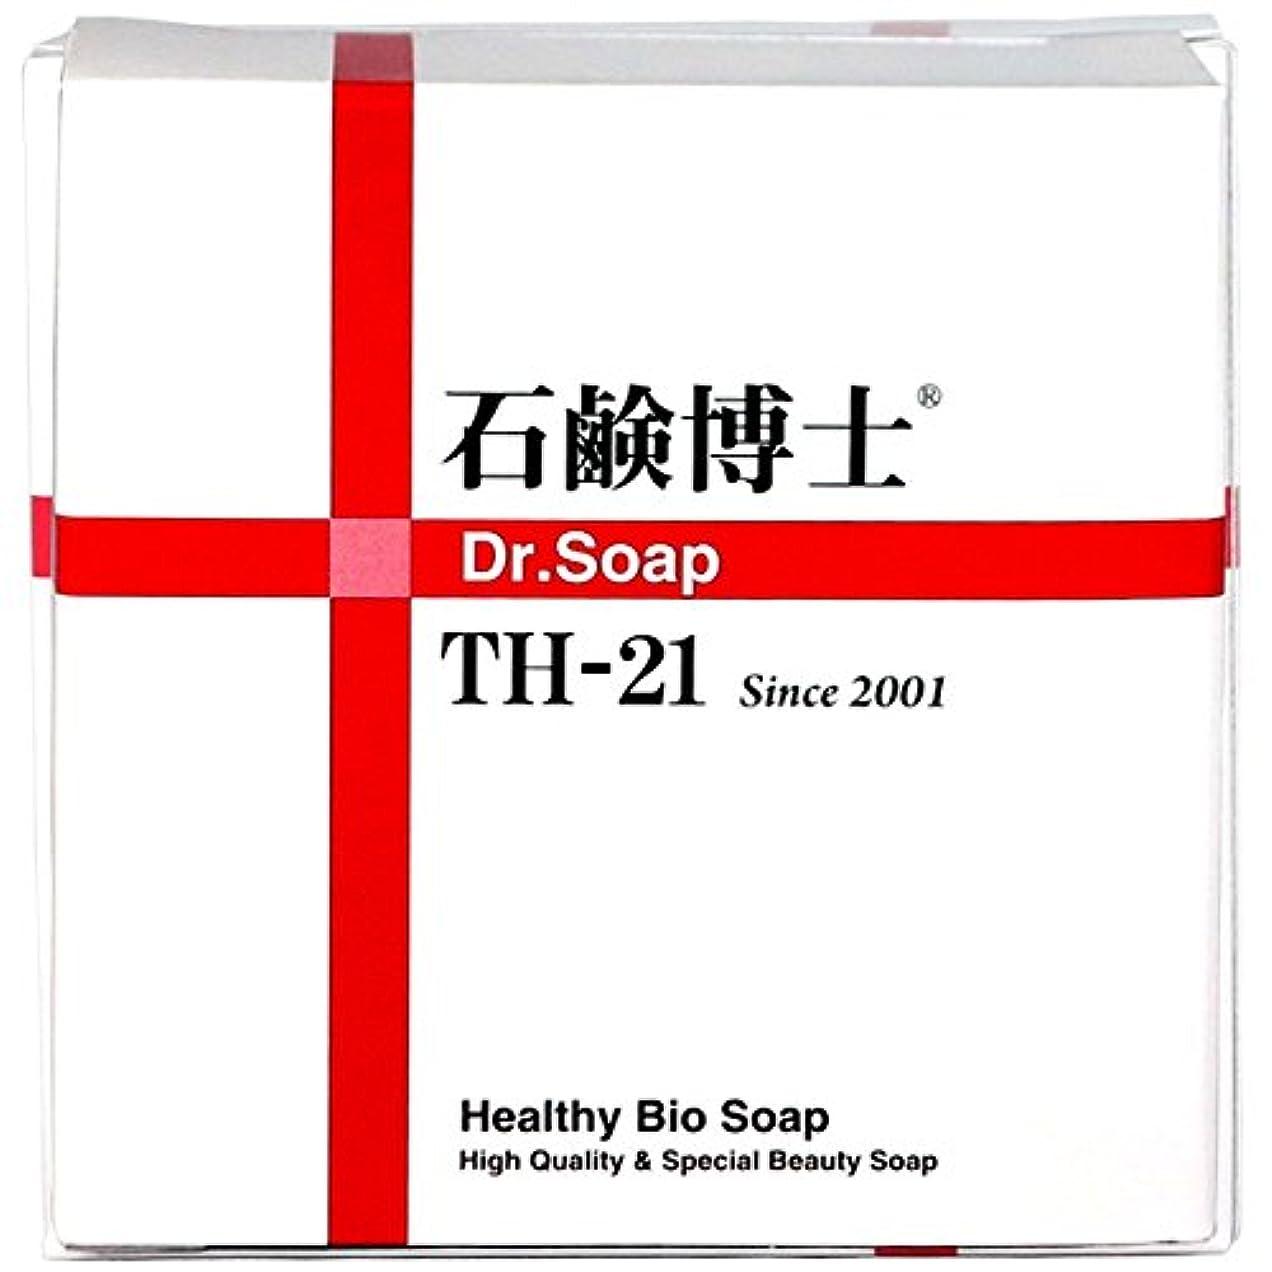 肥沃な書士よりミネラルと分解酵素で洗顔しながらスキンケア 石鹸博士 DRソープ石鹸 Dr.Soap TH-21 100g